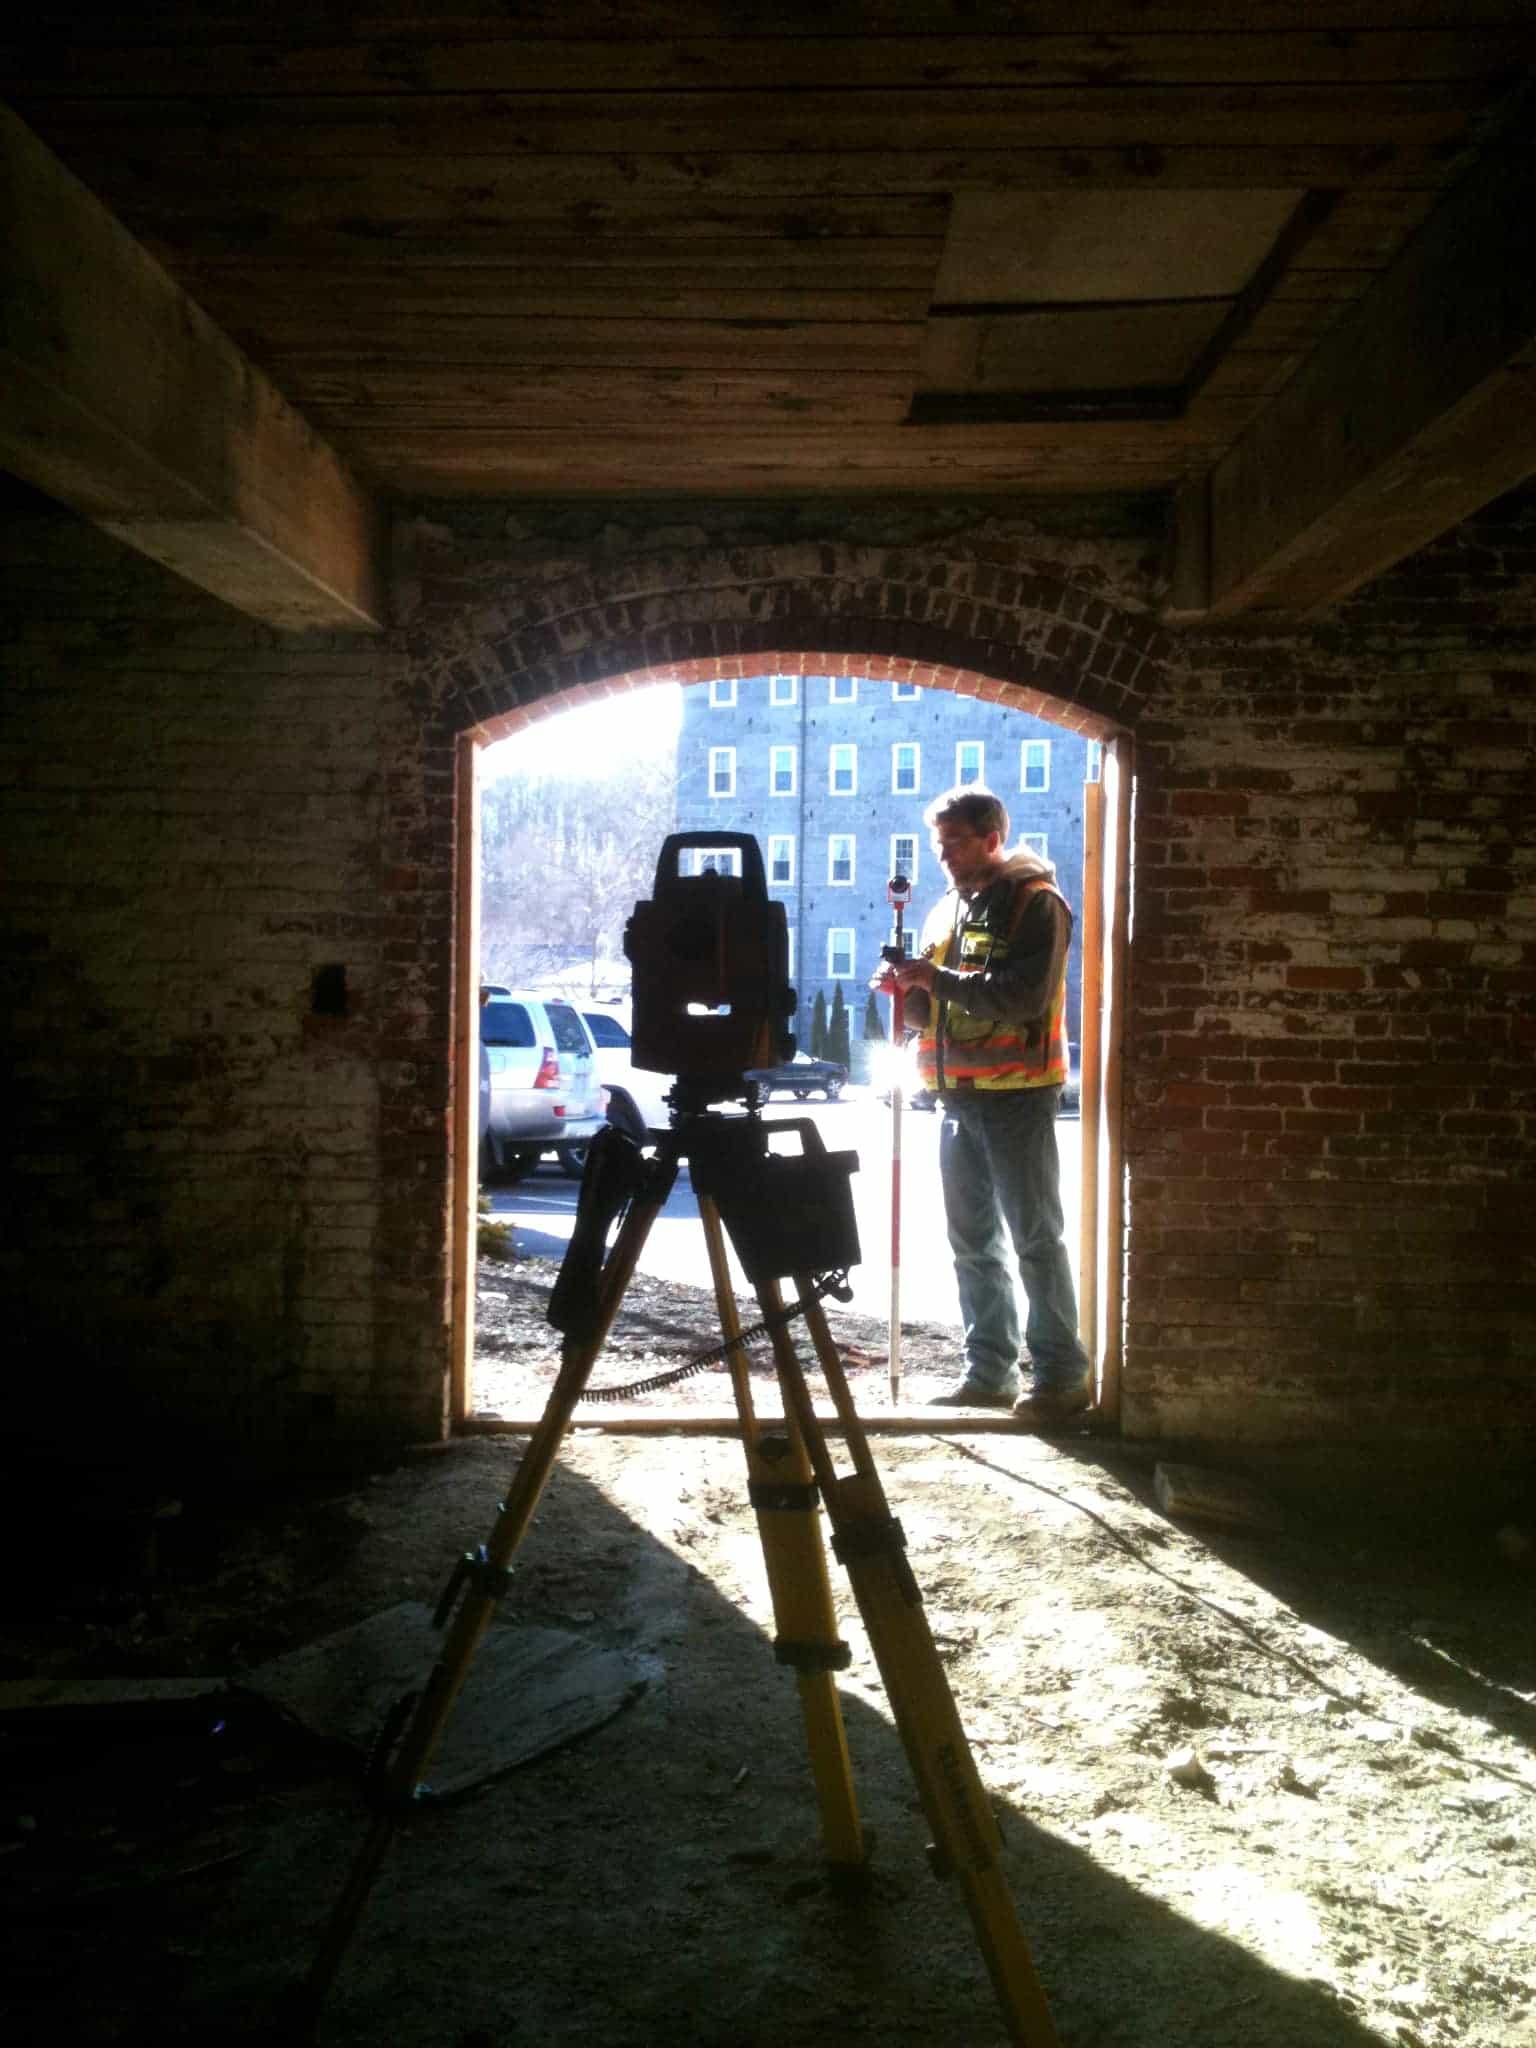 Surveyor in Doorway